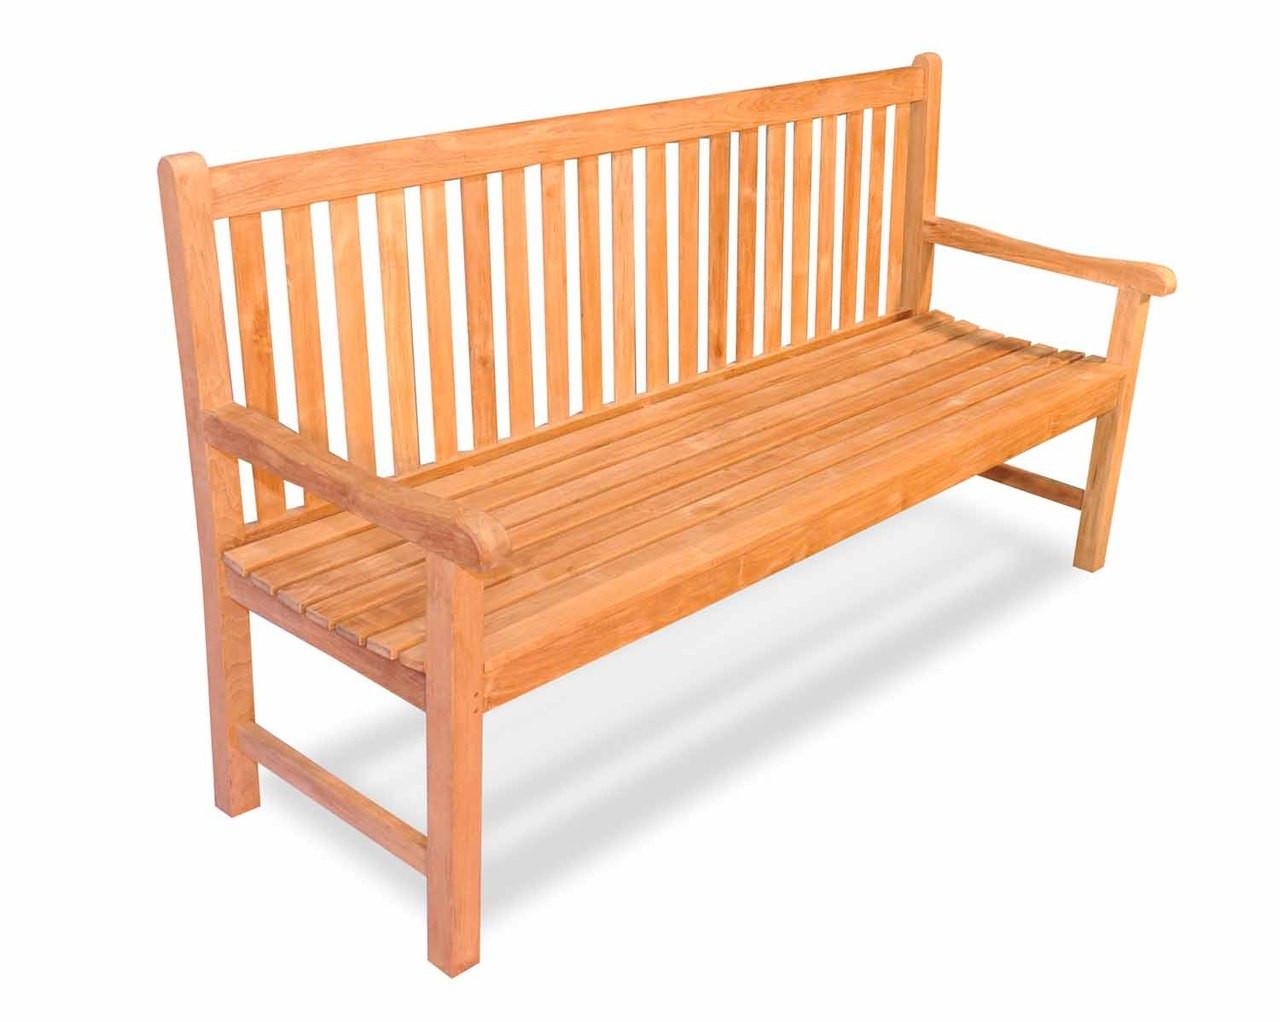 Teak Furniture Teak Block Island Bench